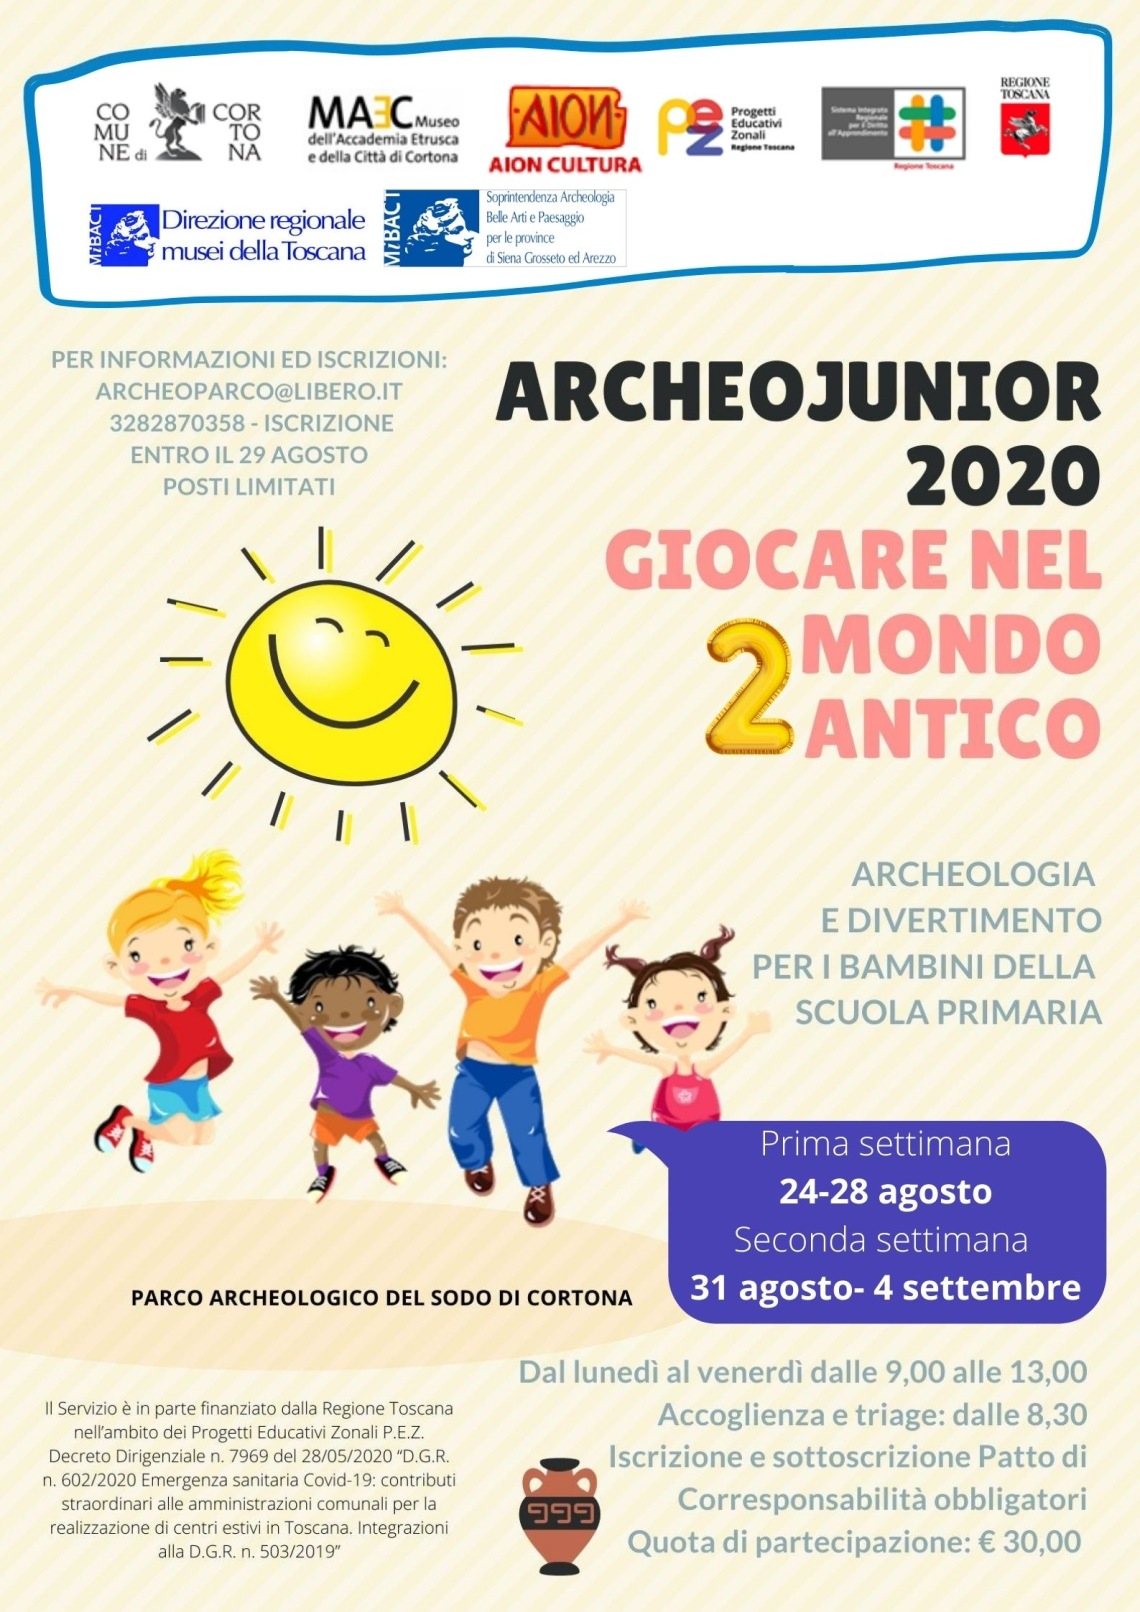 ARCHEOJUNIOR 2020 (2)